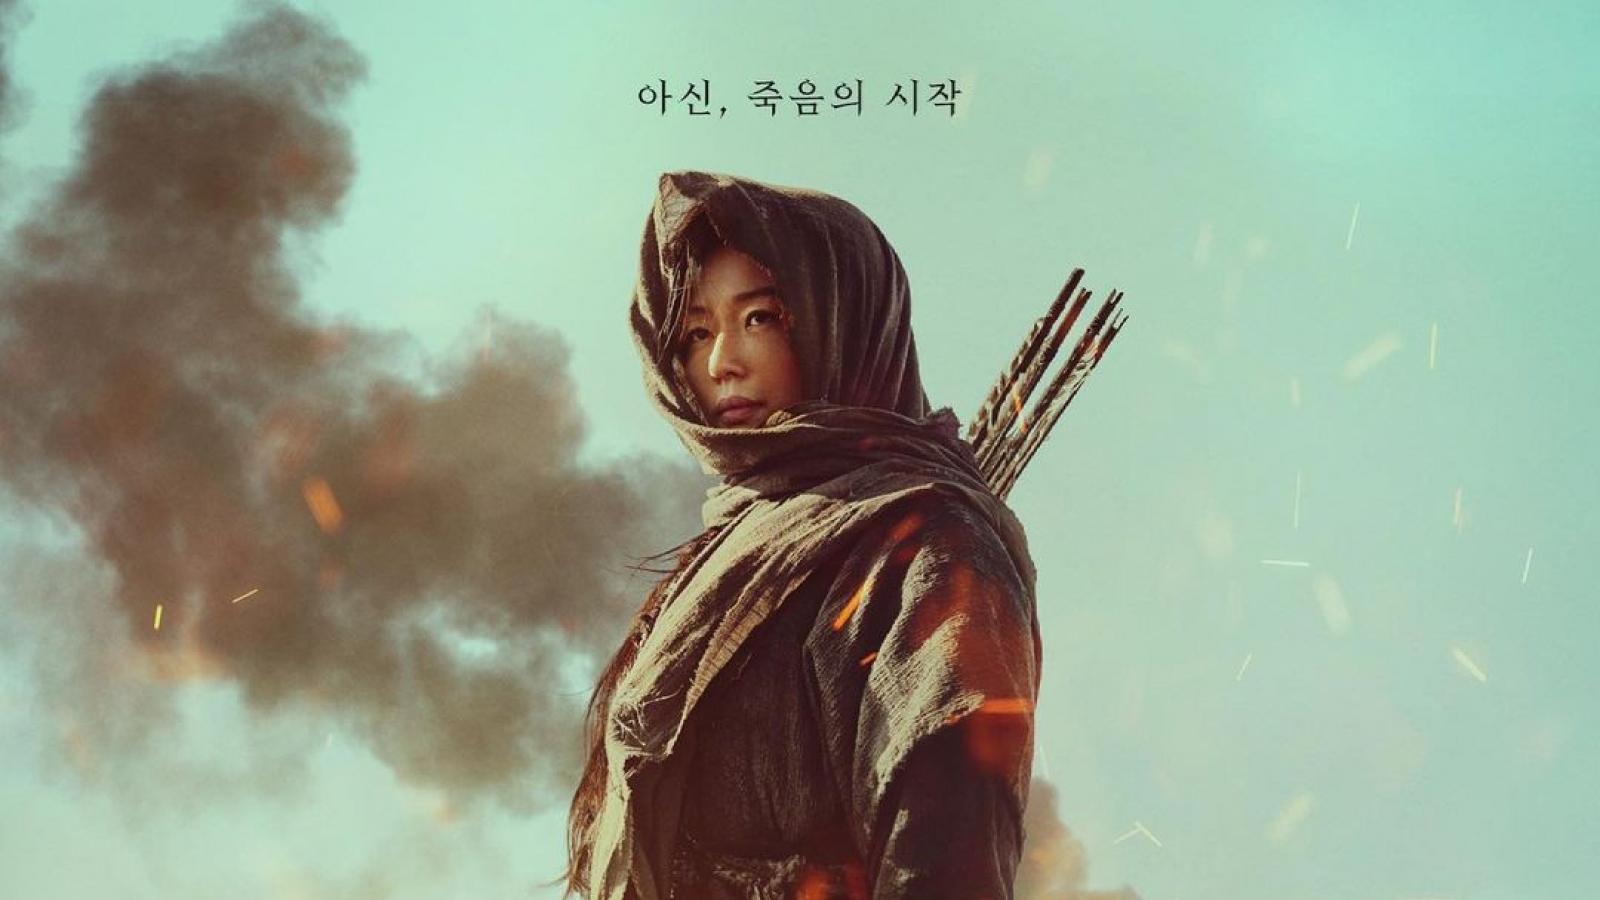 """""""Mợ chảnh"""" Jun Ji Hyun chính thức lộ diện trong trailer mới của ngoại truyện """"Kingdom"""""""